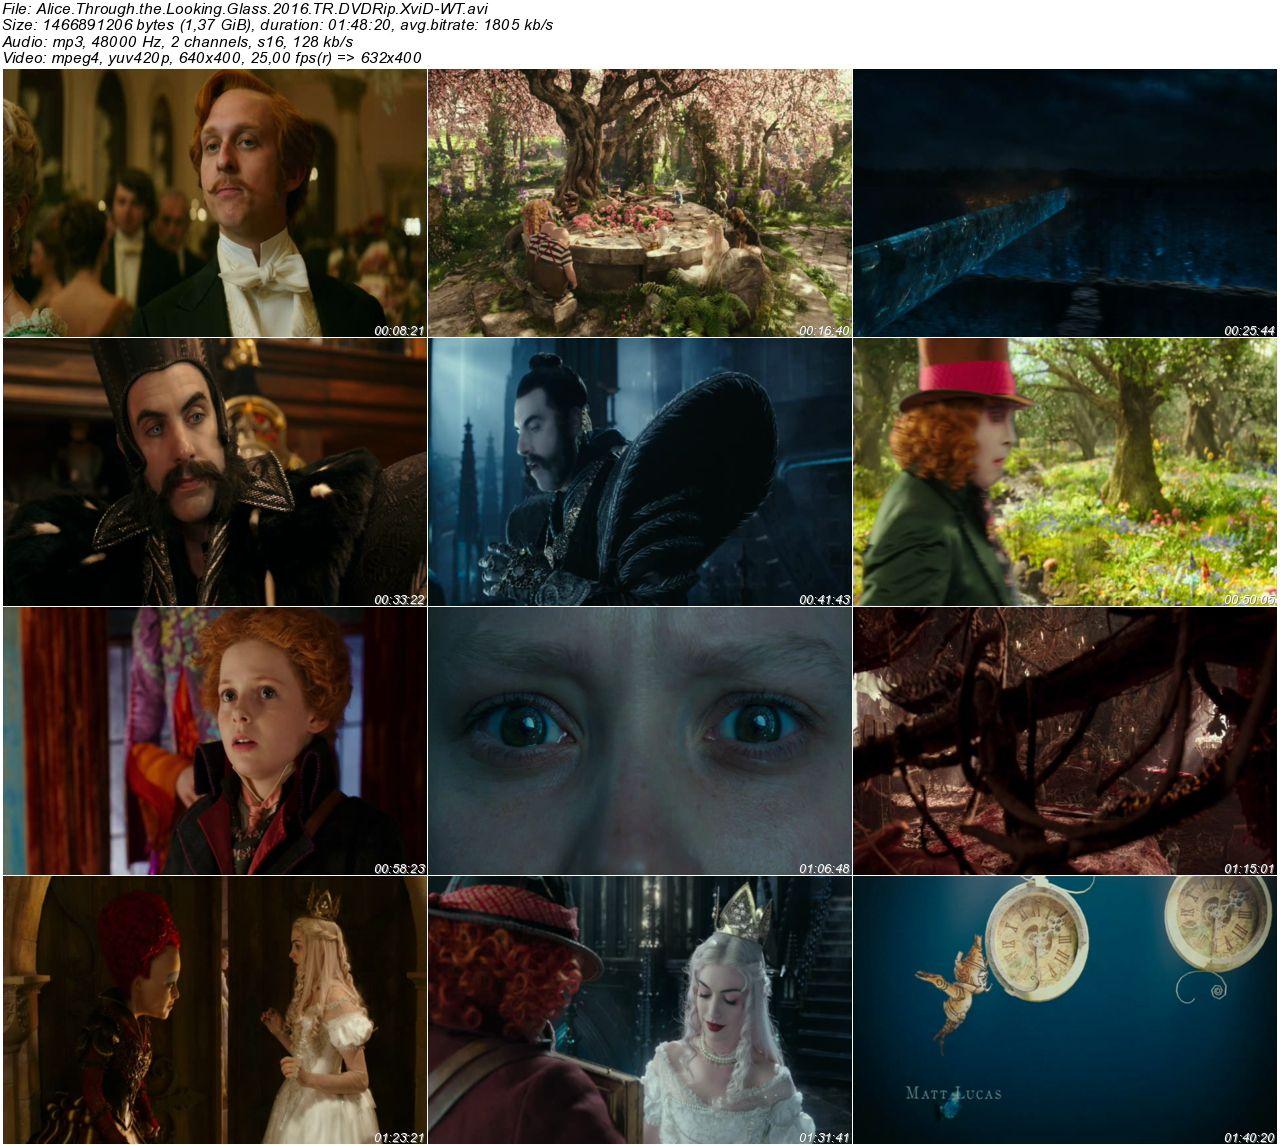 Alis Harikalar Diyarında Aynanın İçinden - 2016 480p DVDRip x264 - Türkçe Dublaj Tek Link indir